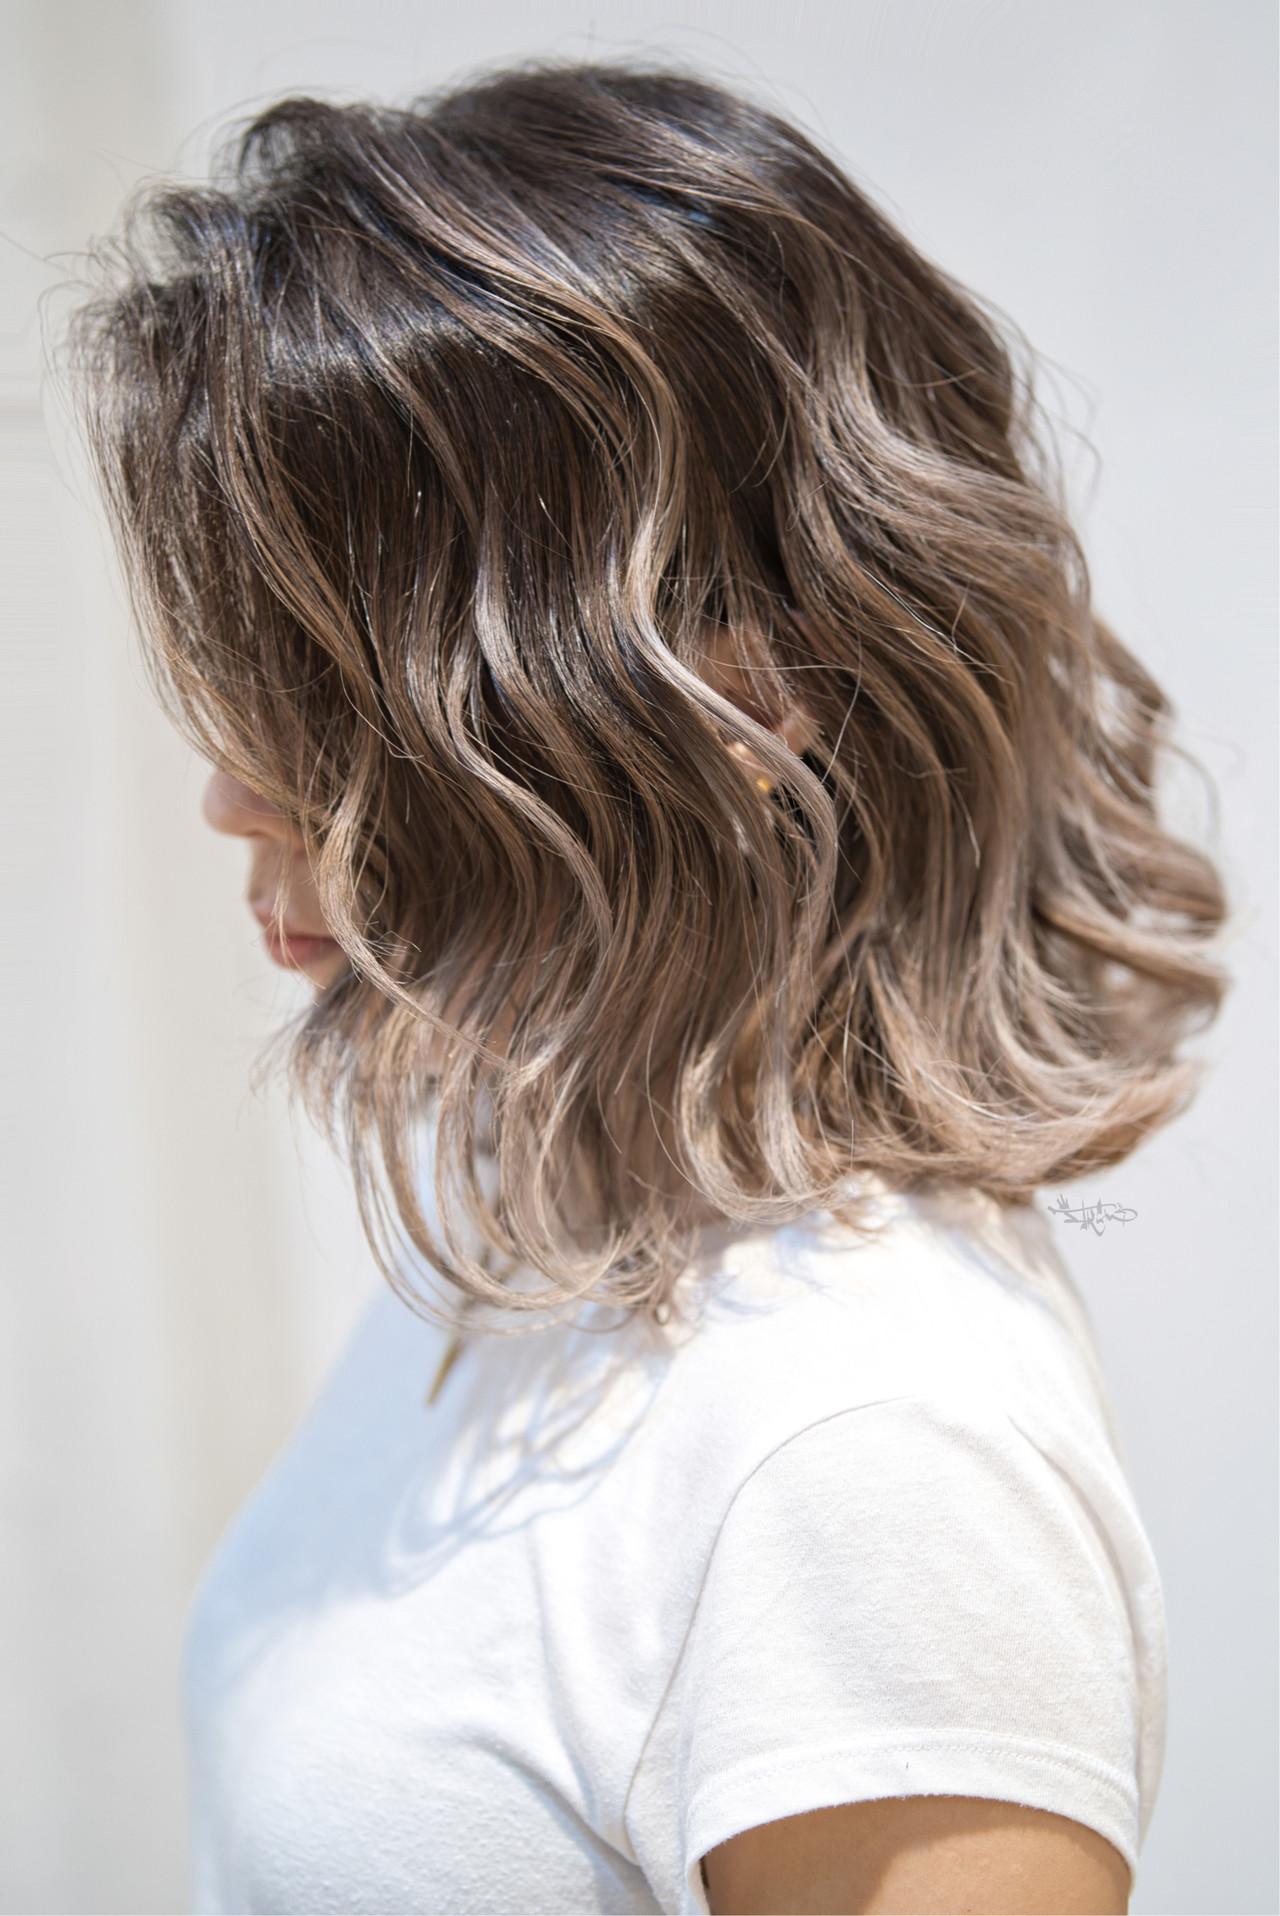 ハイライト グレージュ バレイヤージュ ガーリー ヘアスタイルや髪型の写真・画像